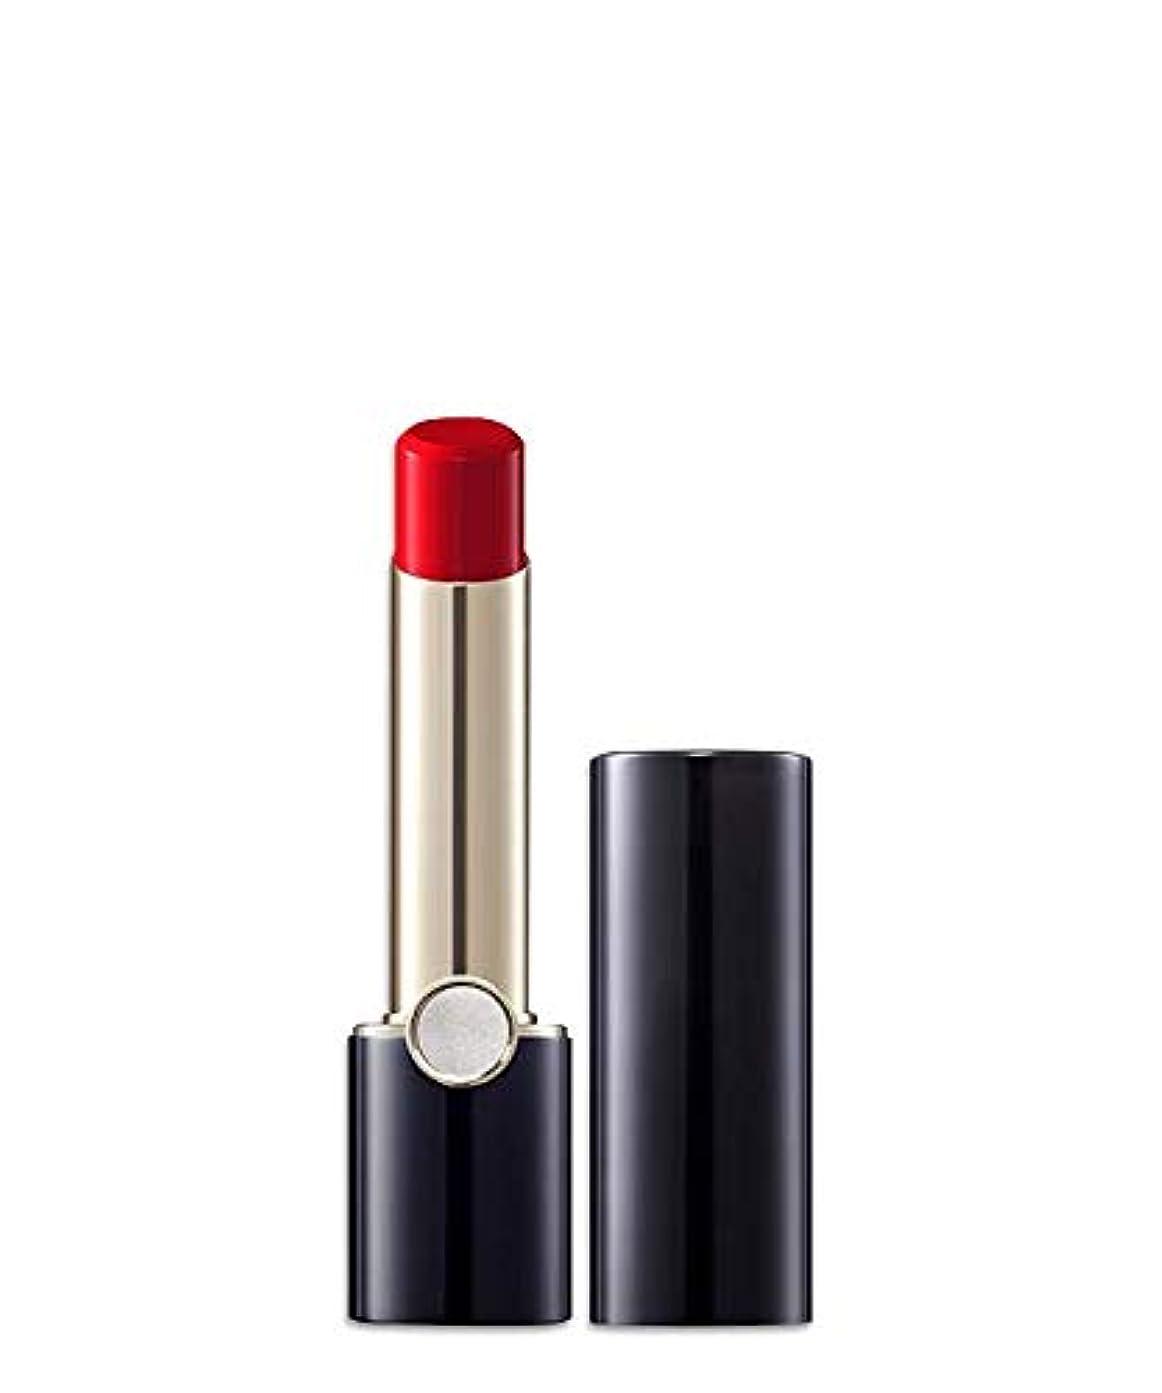 傾斜過去うねる[アイオペ、iope]カラーフィットリップスティックグロー(3.2g)/ color fit lipstick glow(new.2019.02) (red pop)